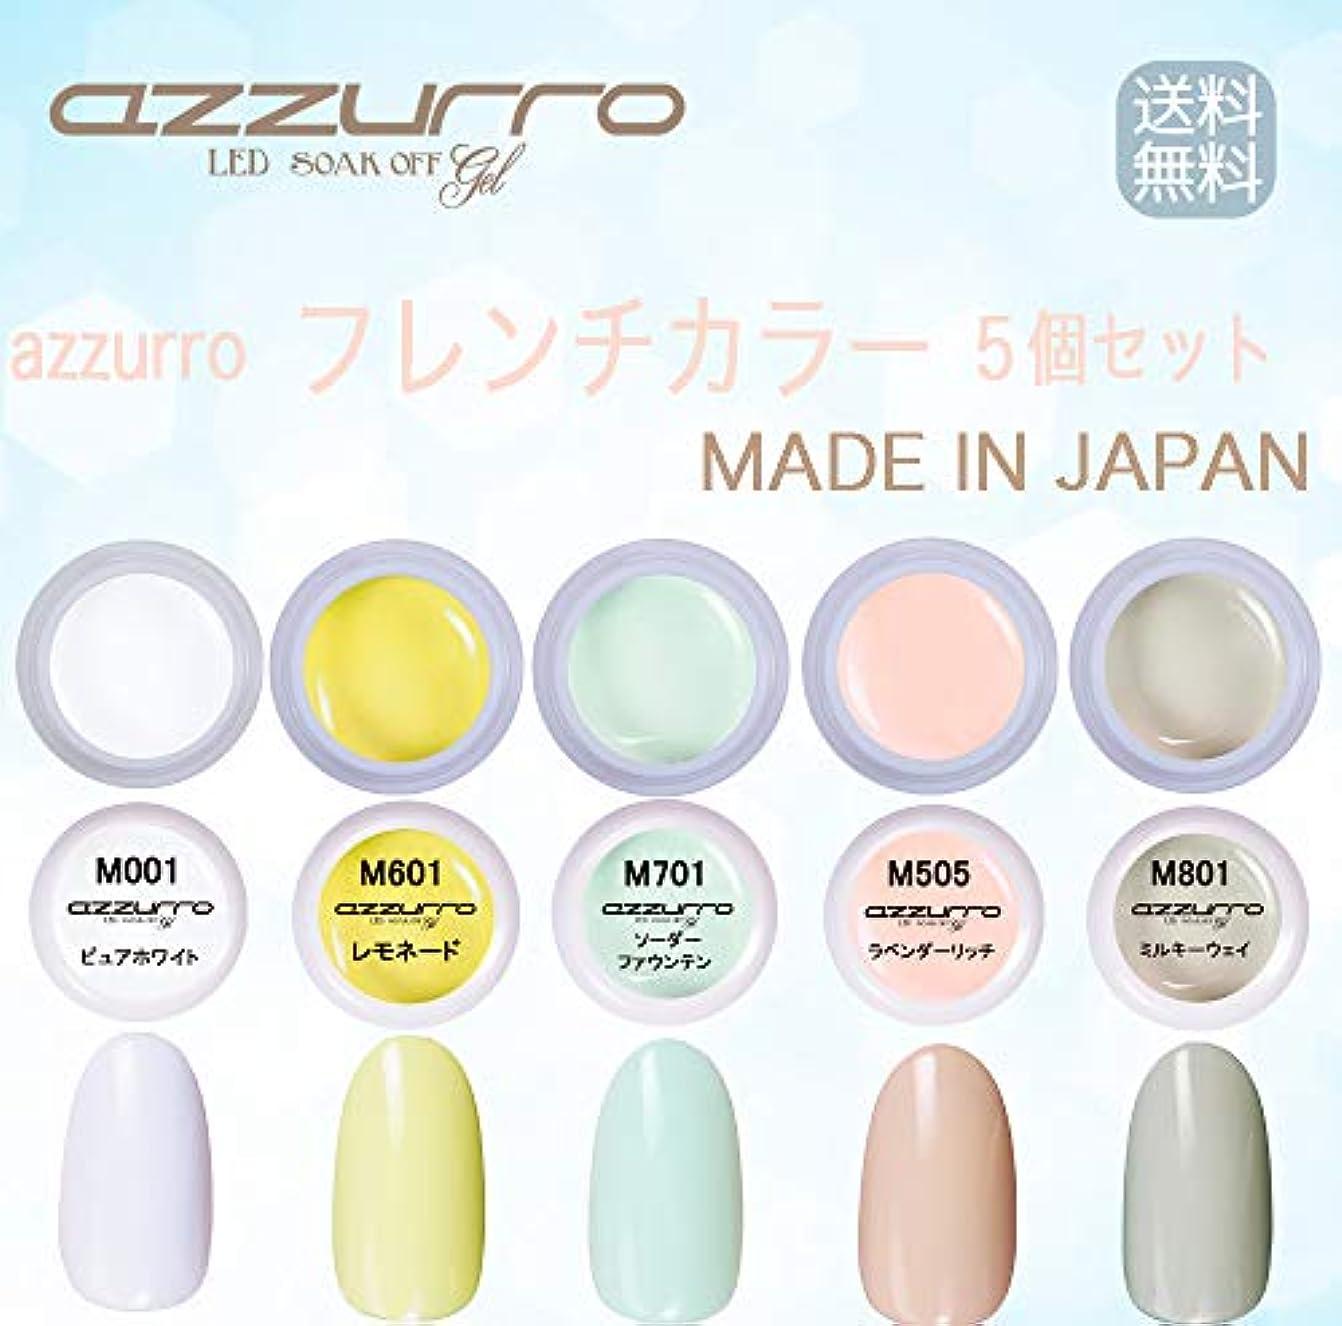 教室成果細菌【送料無料】日本製 azzurro gel フレンチカラージェル5個セット 春にピッタリでかわいいフレンチネイルにピッタリなカラー